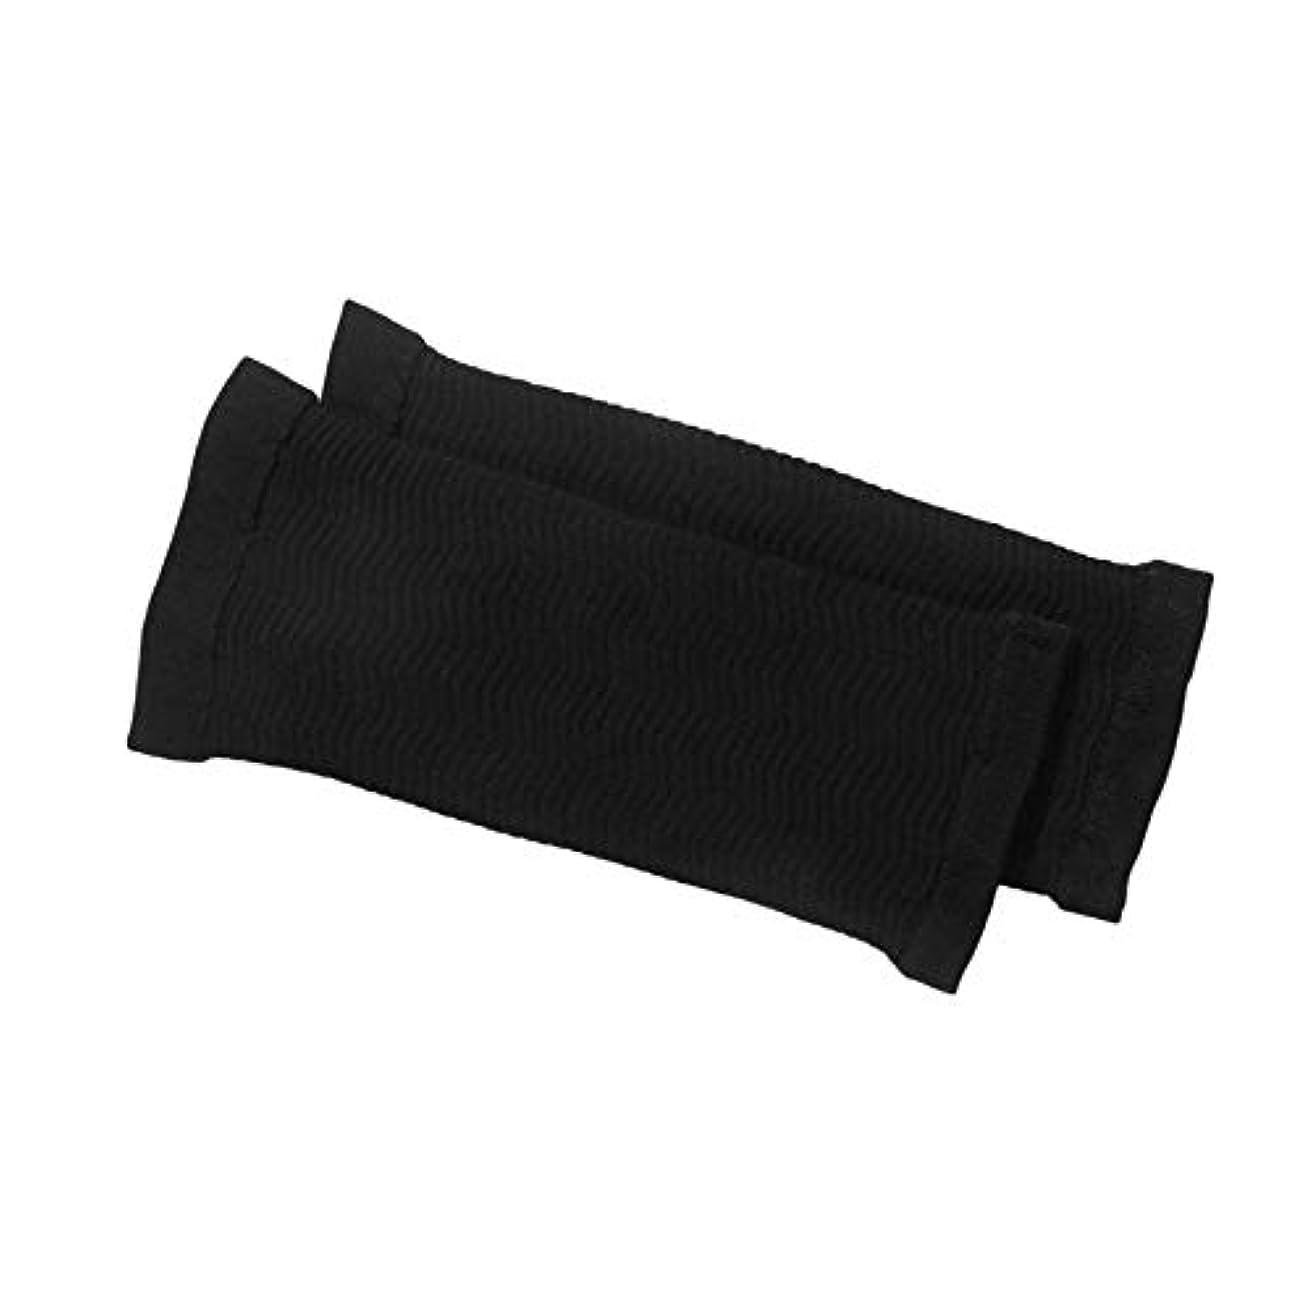 残基修正するに慣れ1ペア420 D圧縮痩身アームスリーブワークアウトトーニングバーンセルライトシェイパー脂肪燃焼袖用女性 - 黒